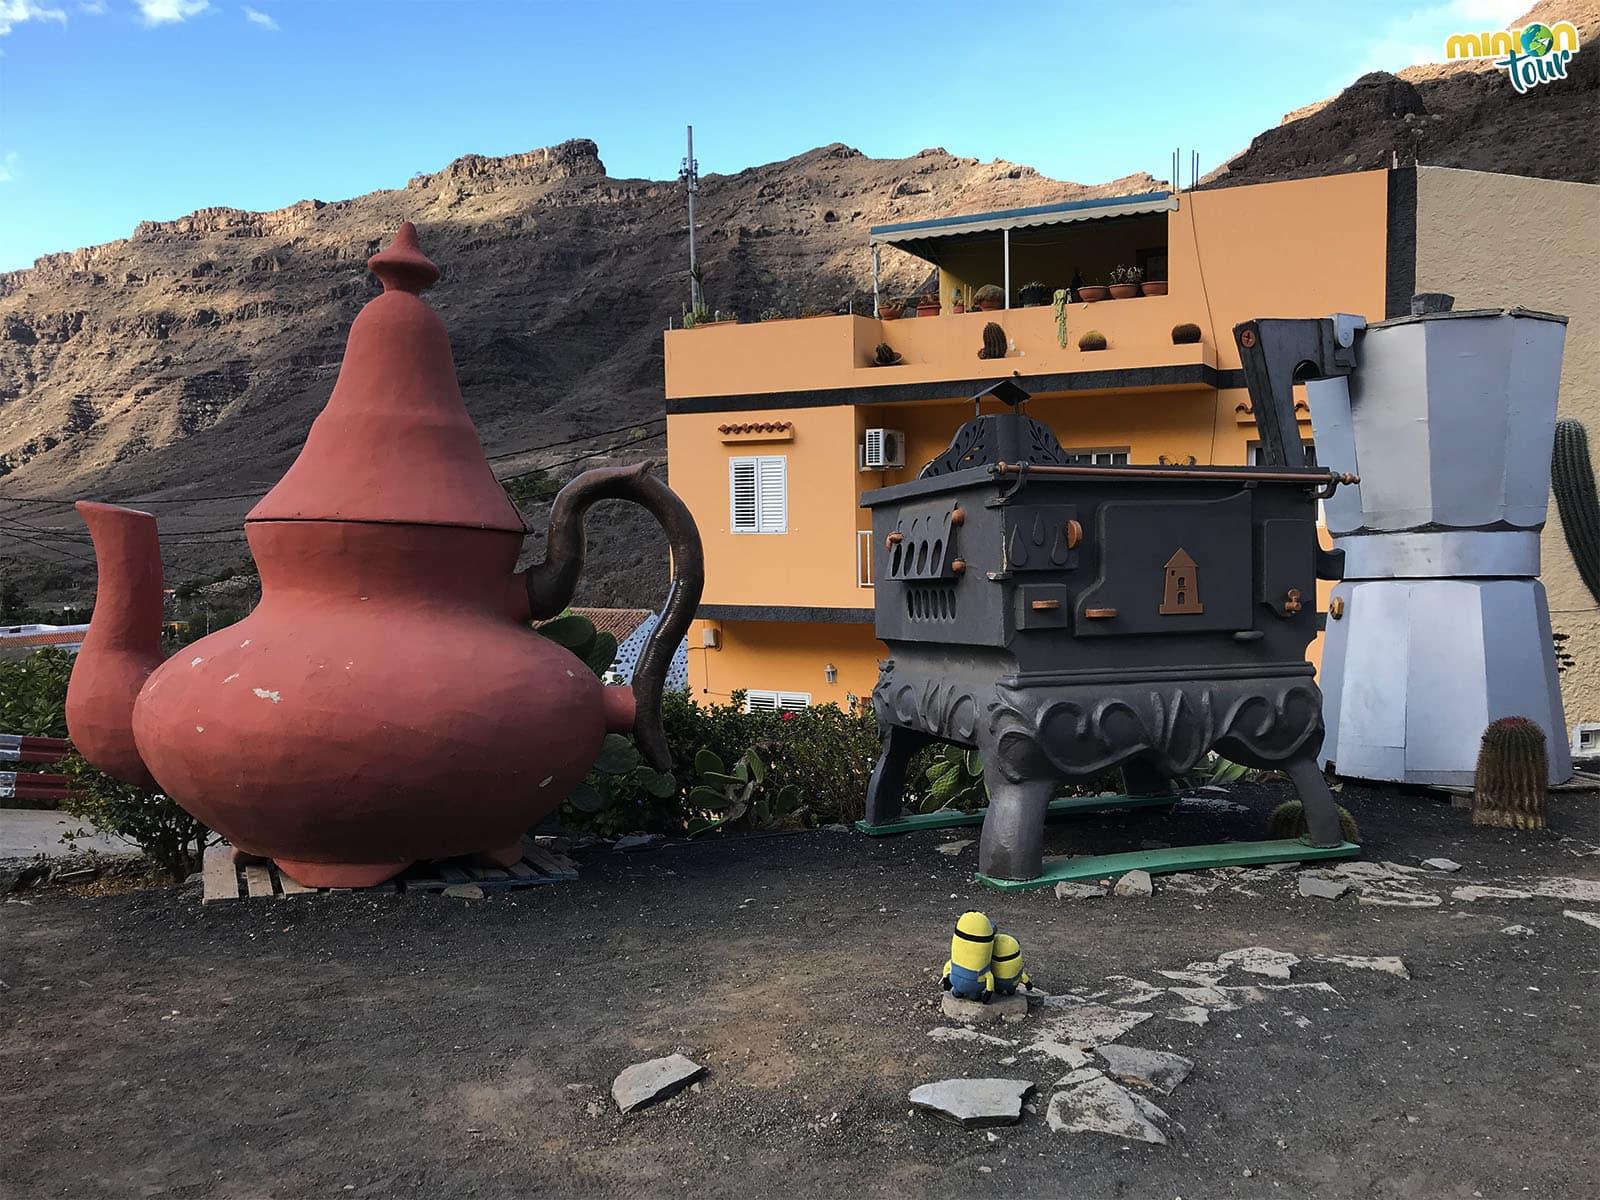 Objetos gigantes al lado del Molino de Viento de Mogán